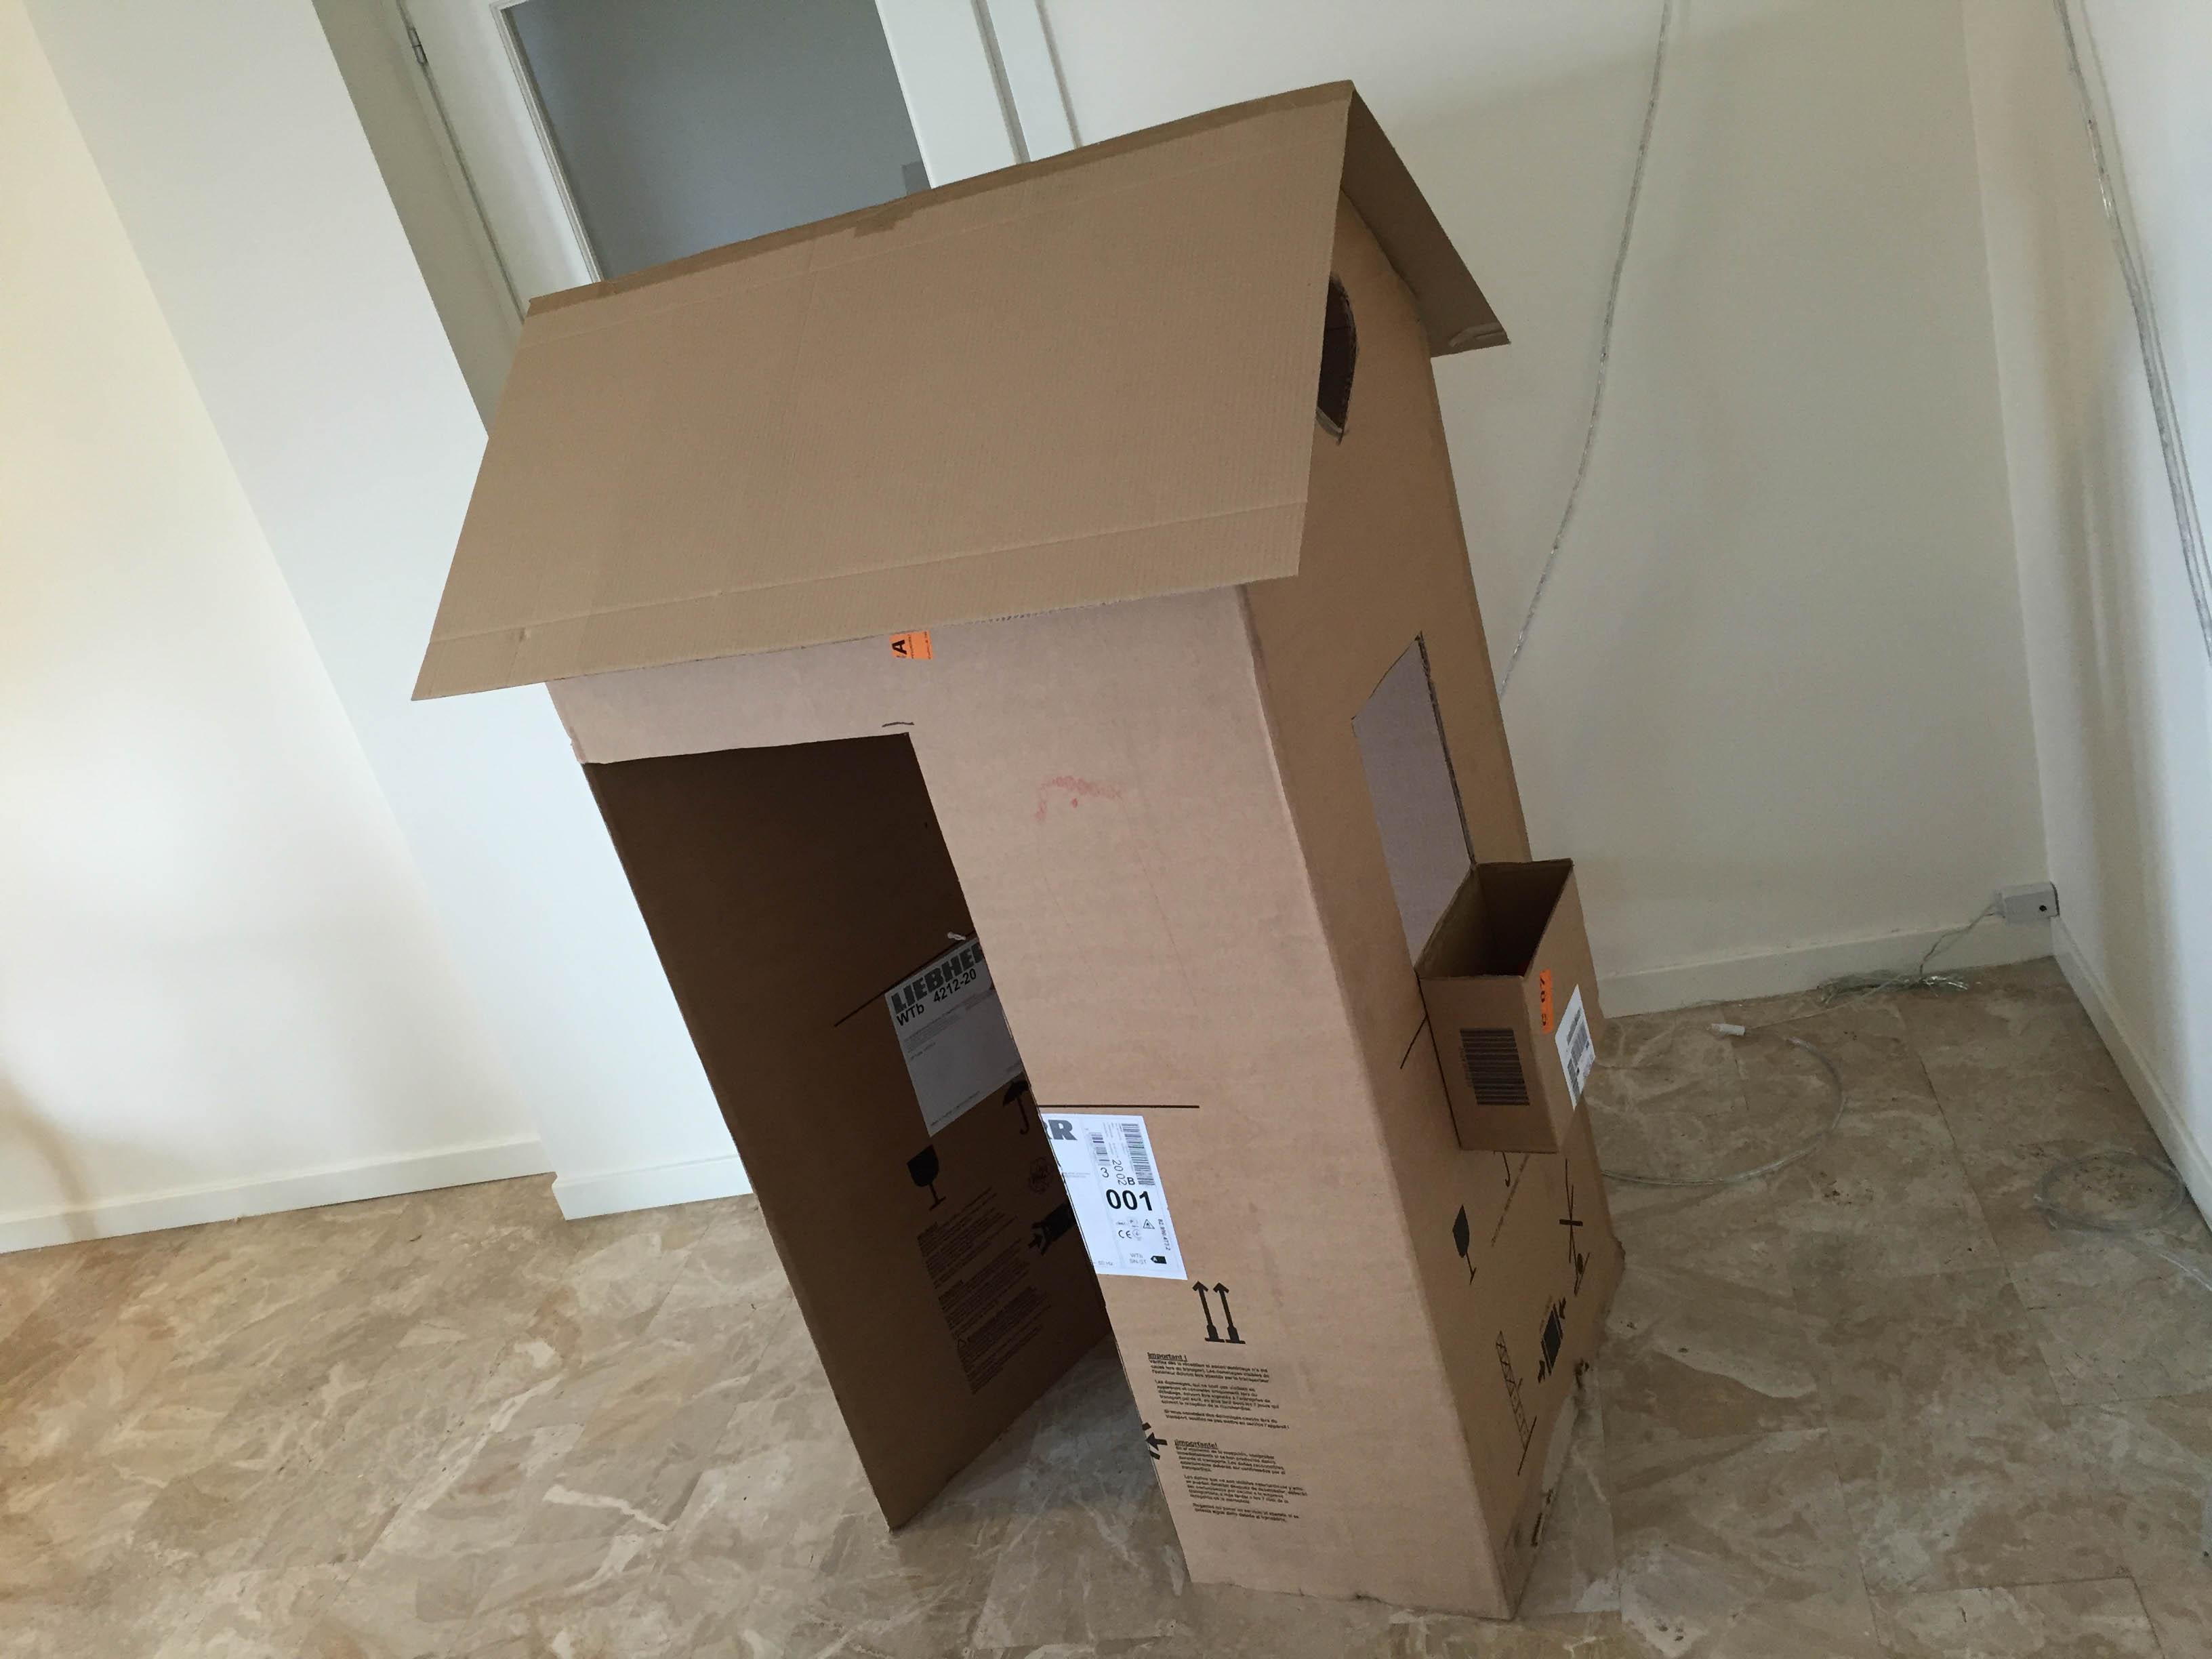 Come costruire una casetta giocattolo in cartone - Come costruire una casa in miniatura ...